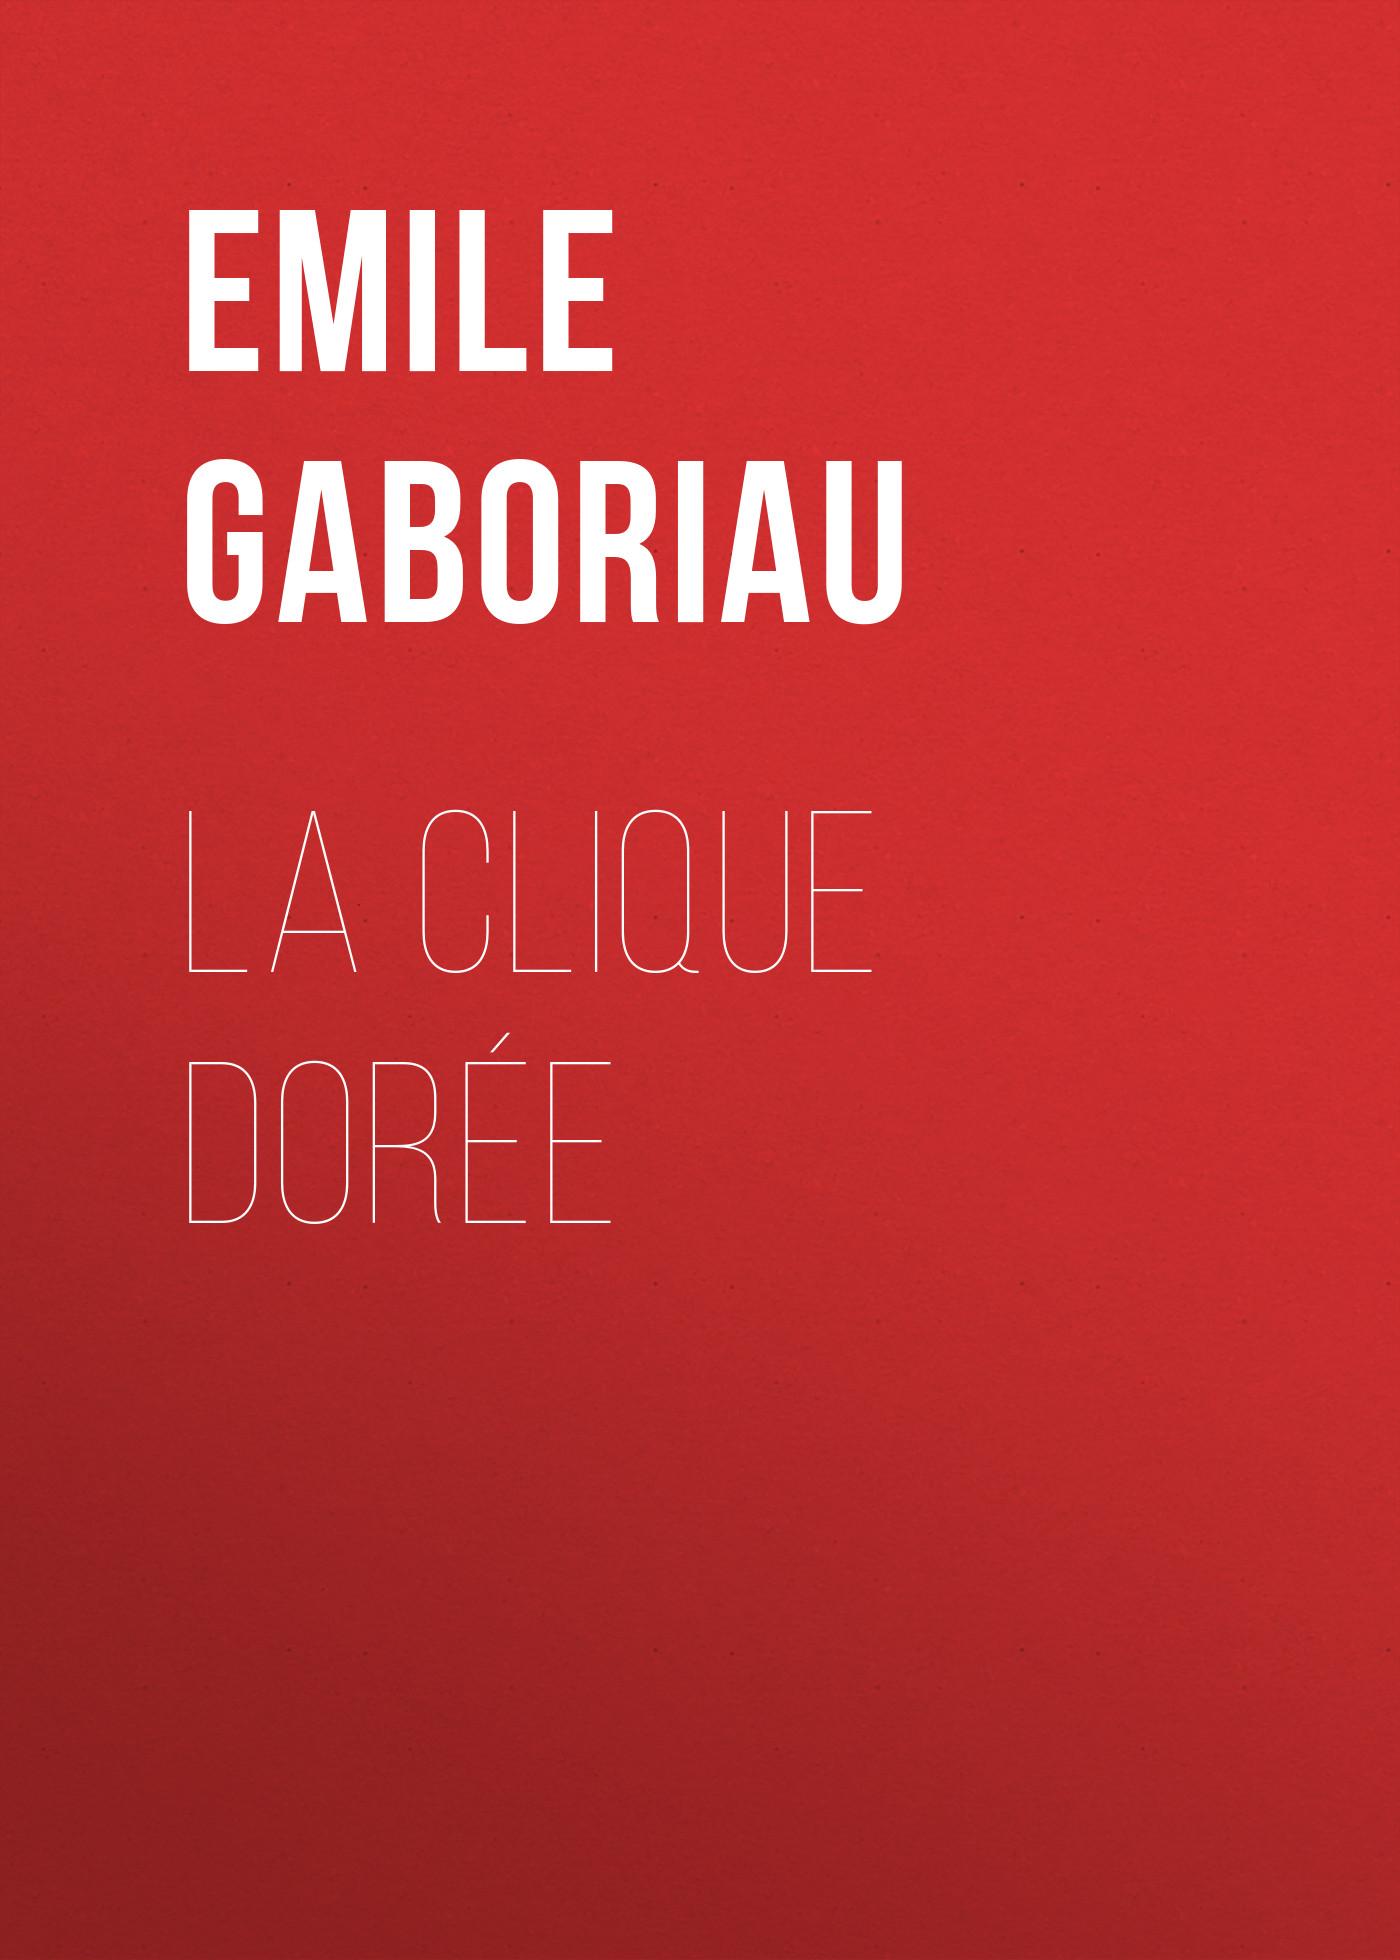 Emile Gaboriau La clique dorée clique v 1